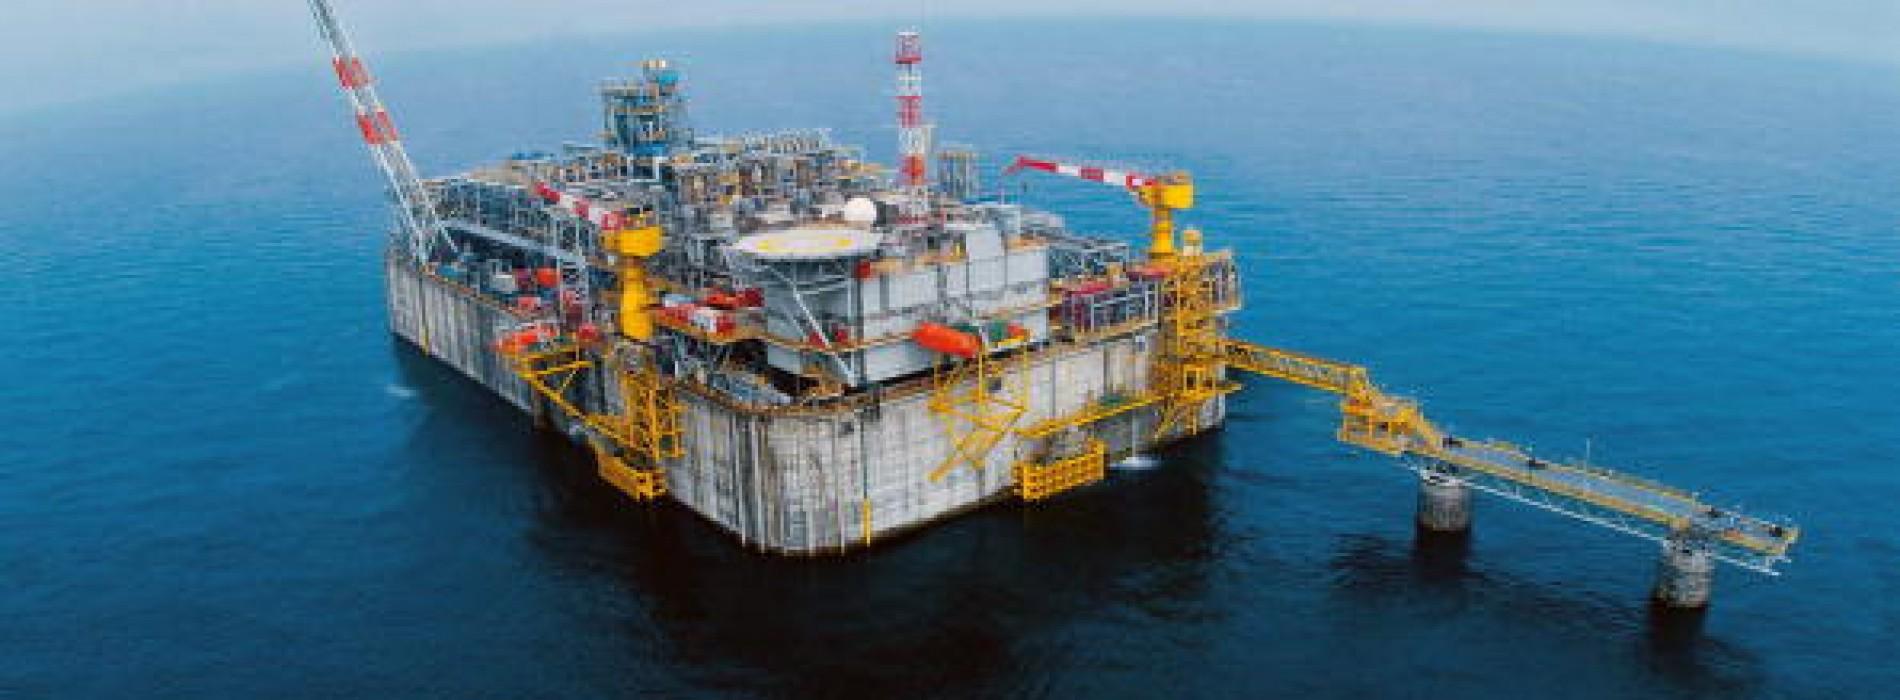 Sviluppo del settore LNG in Tanzania, l'esperienza scozzese